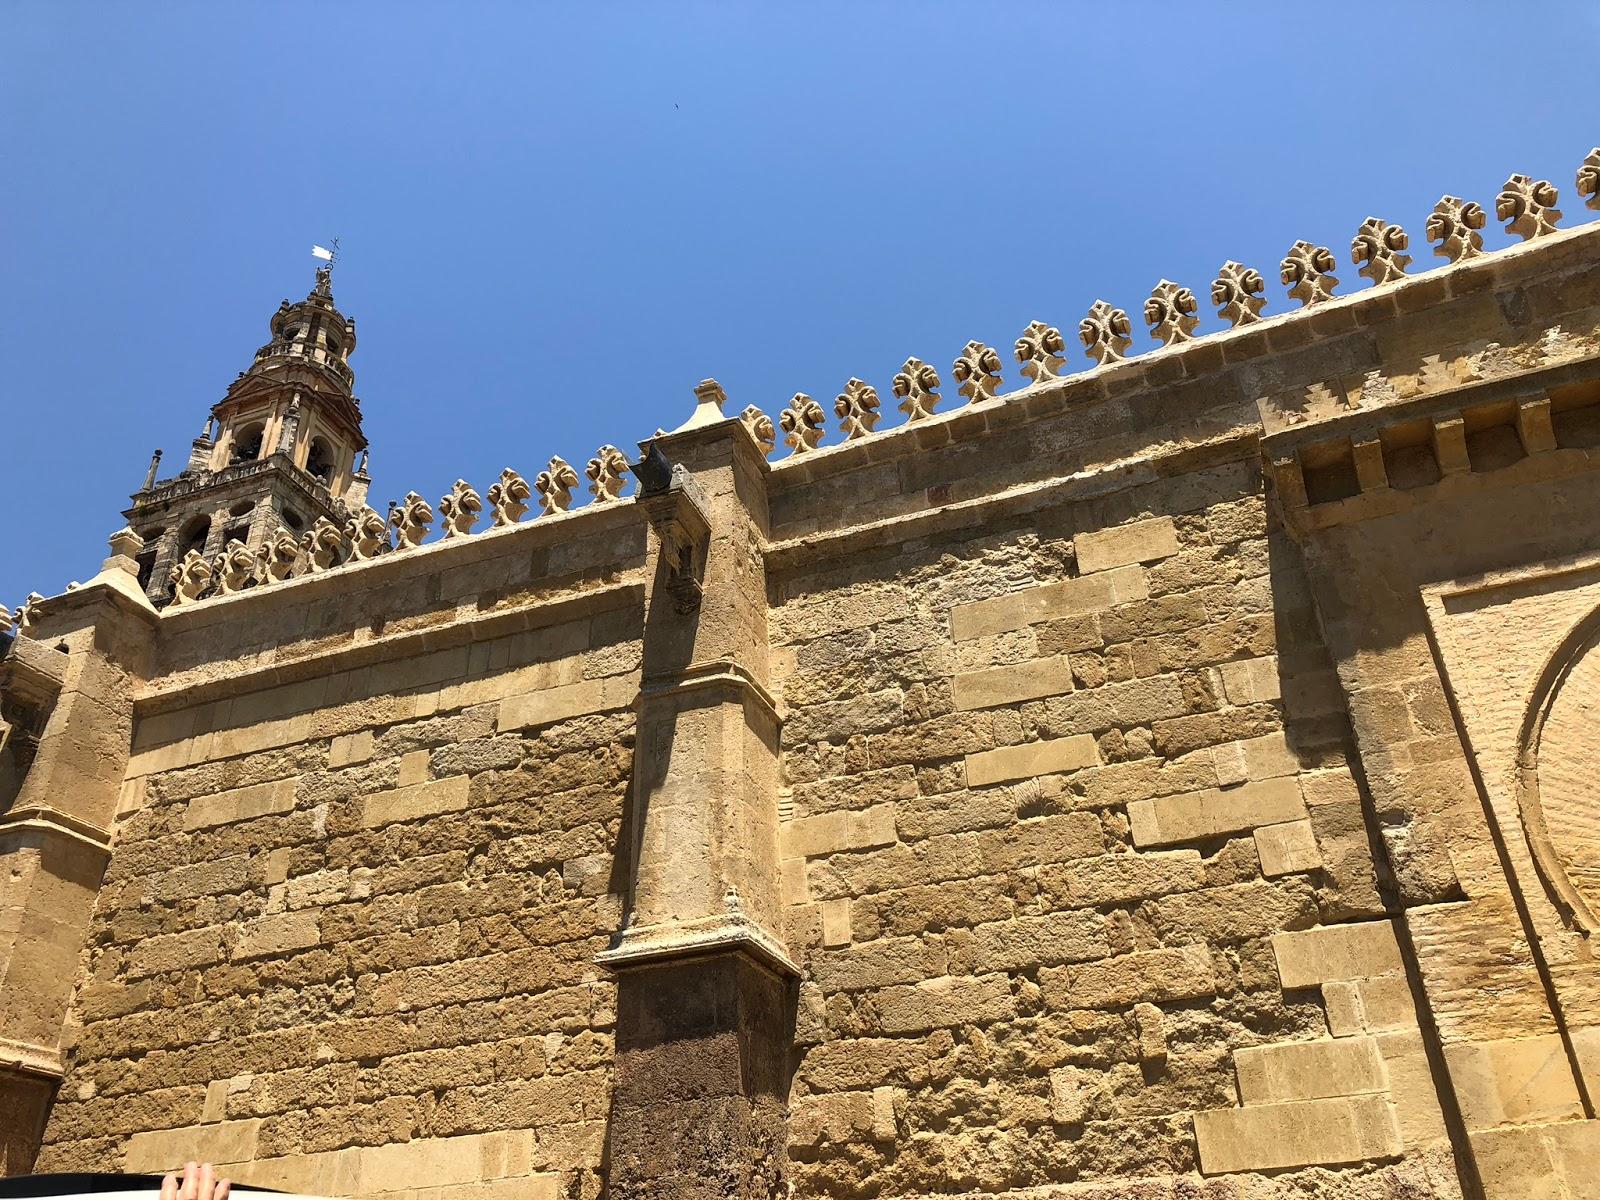 Uma junção encantadora entre o velho e o novo em Córdoba, Espanha